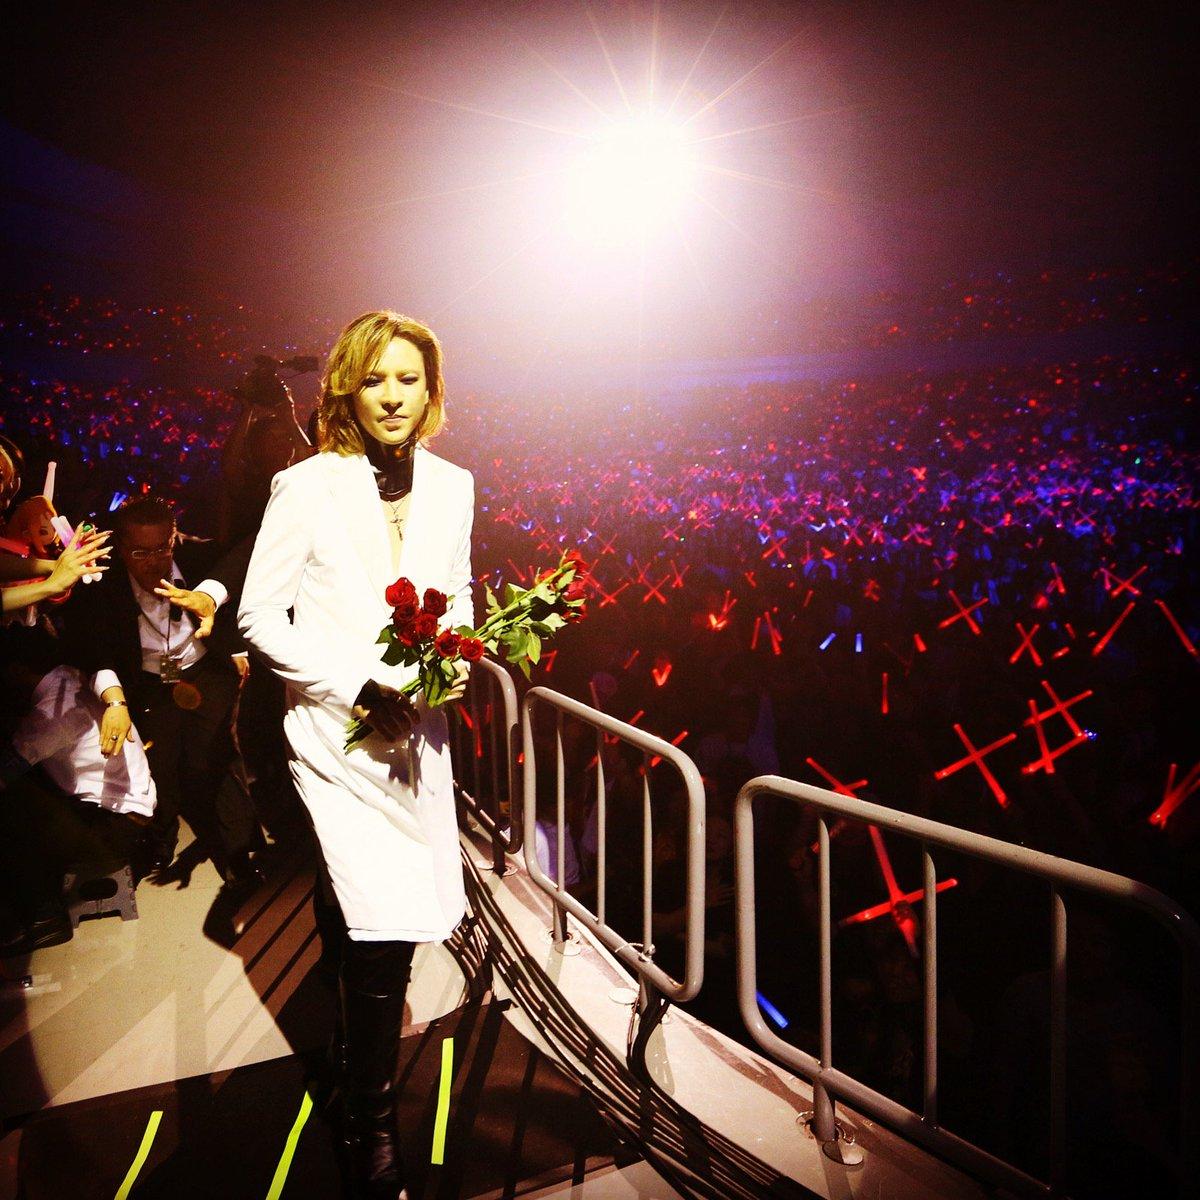 RT @YoshikiOfficial: #HappyValentinesDay ! Xx #バレンタイン https://t.co/Y0KQdkwqfK https://t.co/wGCRXQB4Oj